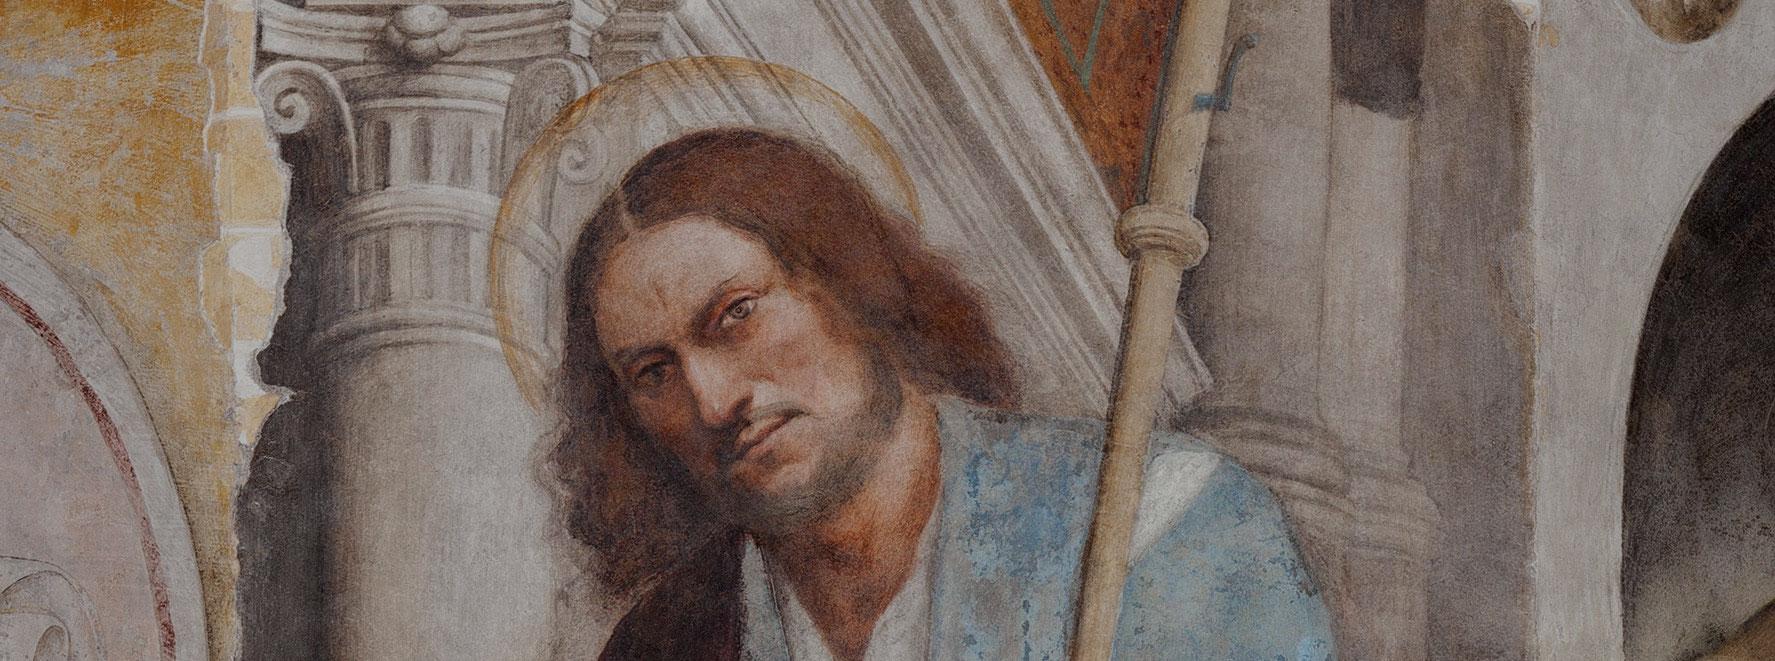 Il Rinascimento di Pordenone: nella città friulana una mostra per Giovanni Antonio de' Sacchis, detto il Pordenone